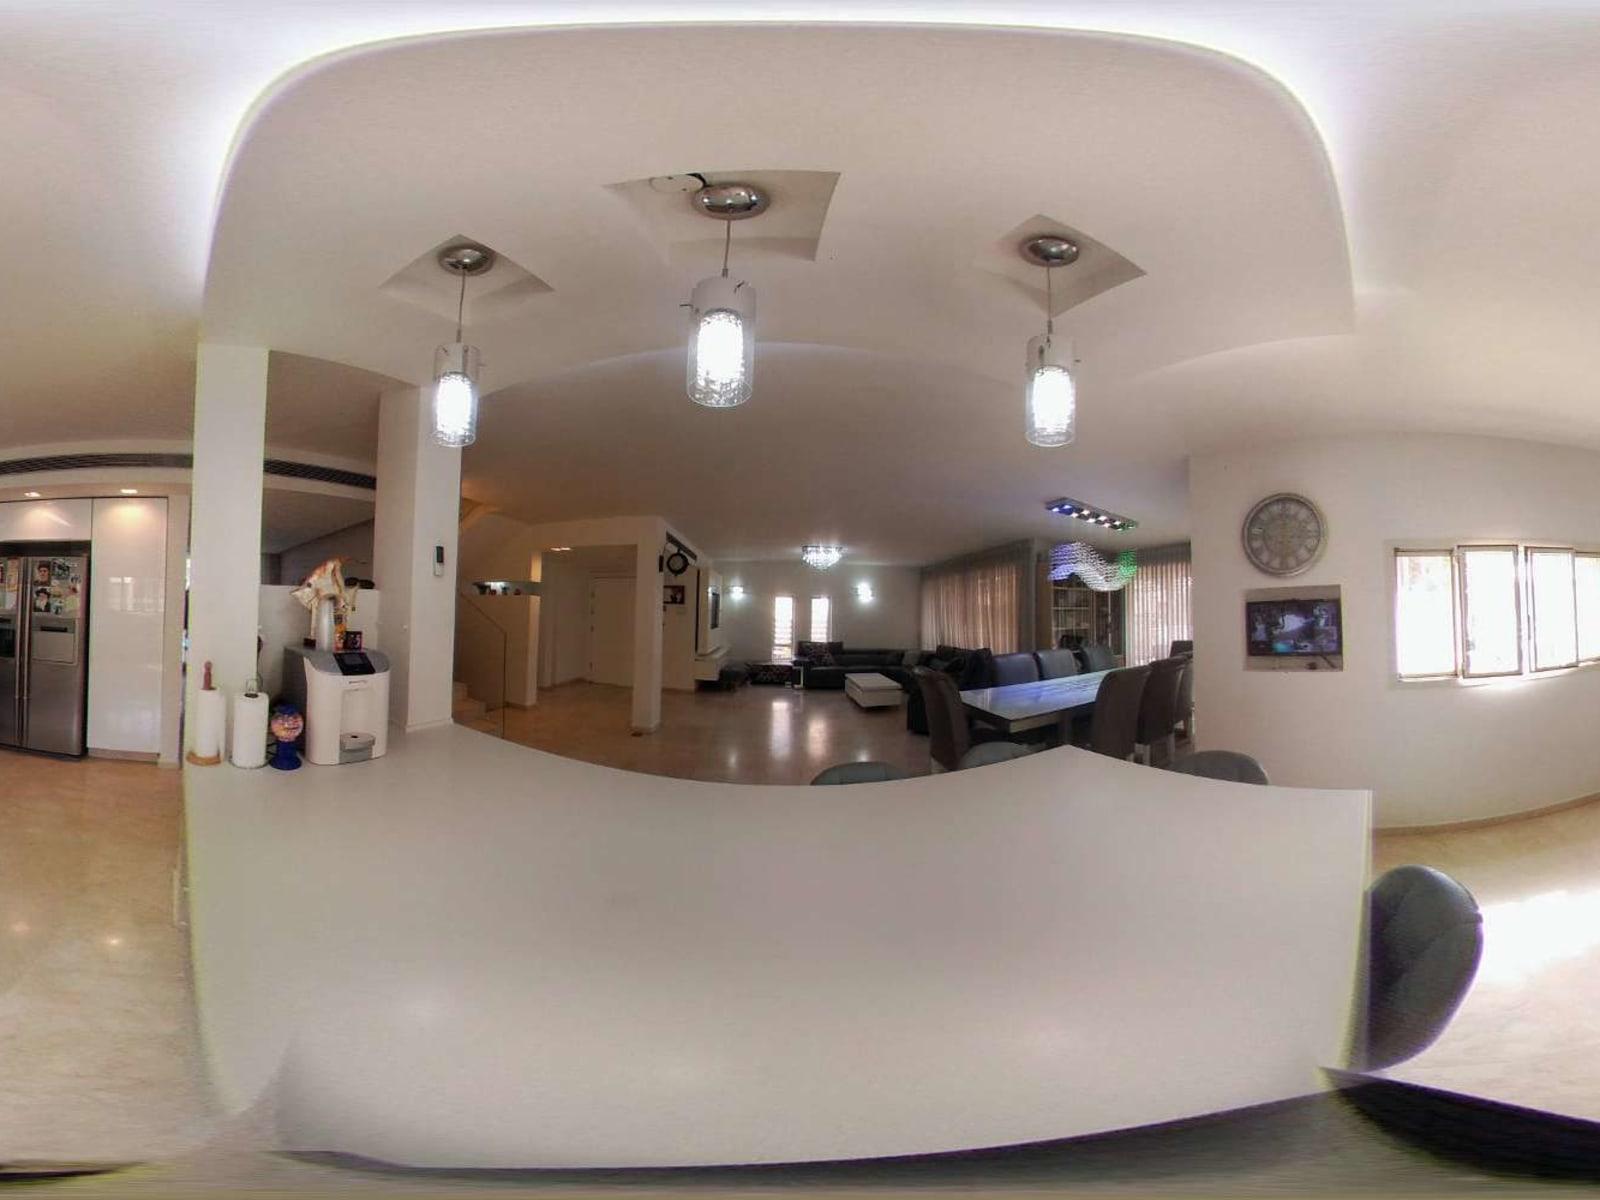 טוב מאוד דירת גן למכירה בחבצלת 9, לוד HP-07